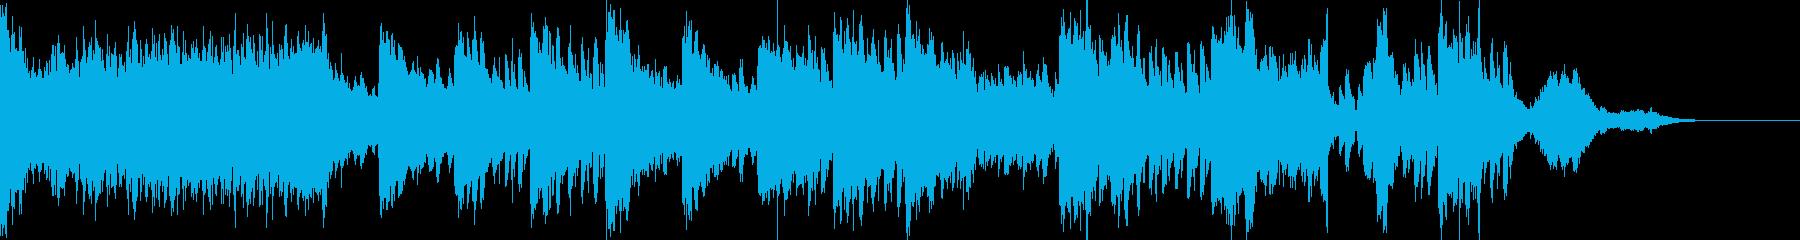 ピアノのミステリアスな激怖ホラーの再生済みの波形